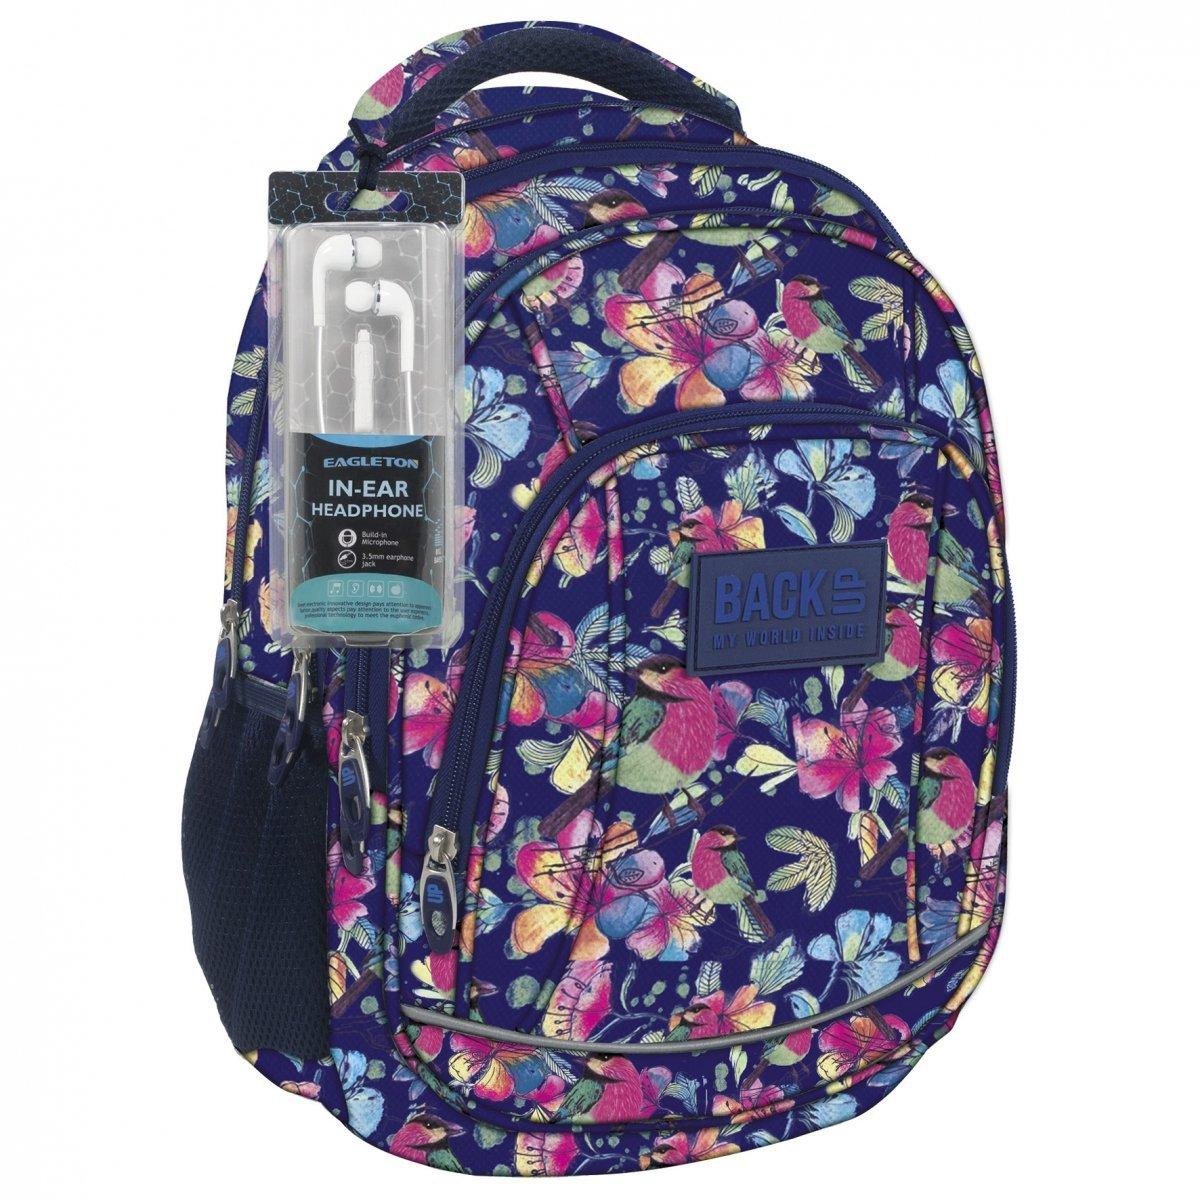 a07cd59712e0b Plecak szkolny młodzieżowy Back UP pastelowe kwiaty SPRING + słuchawki  (PLB1A4)